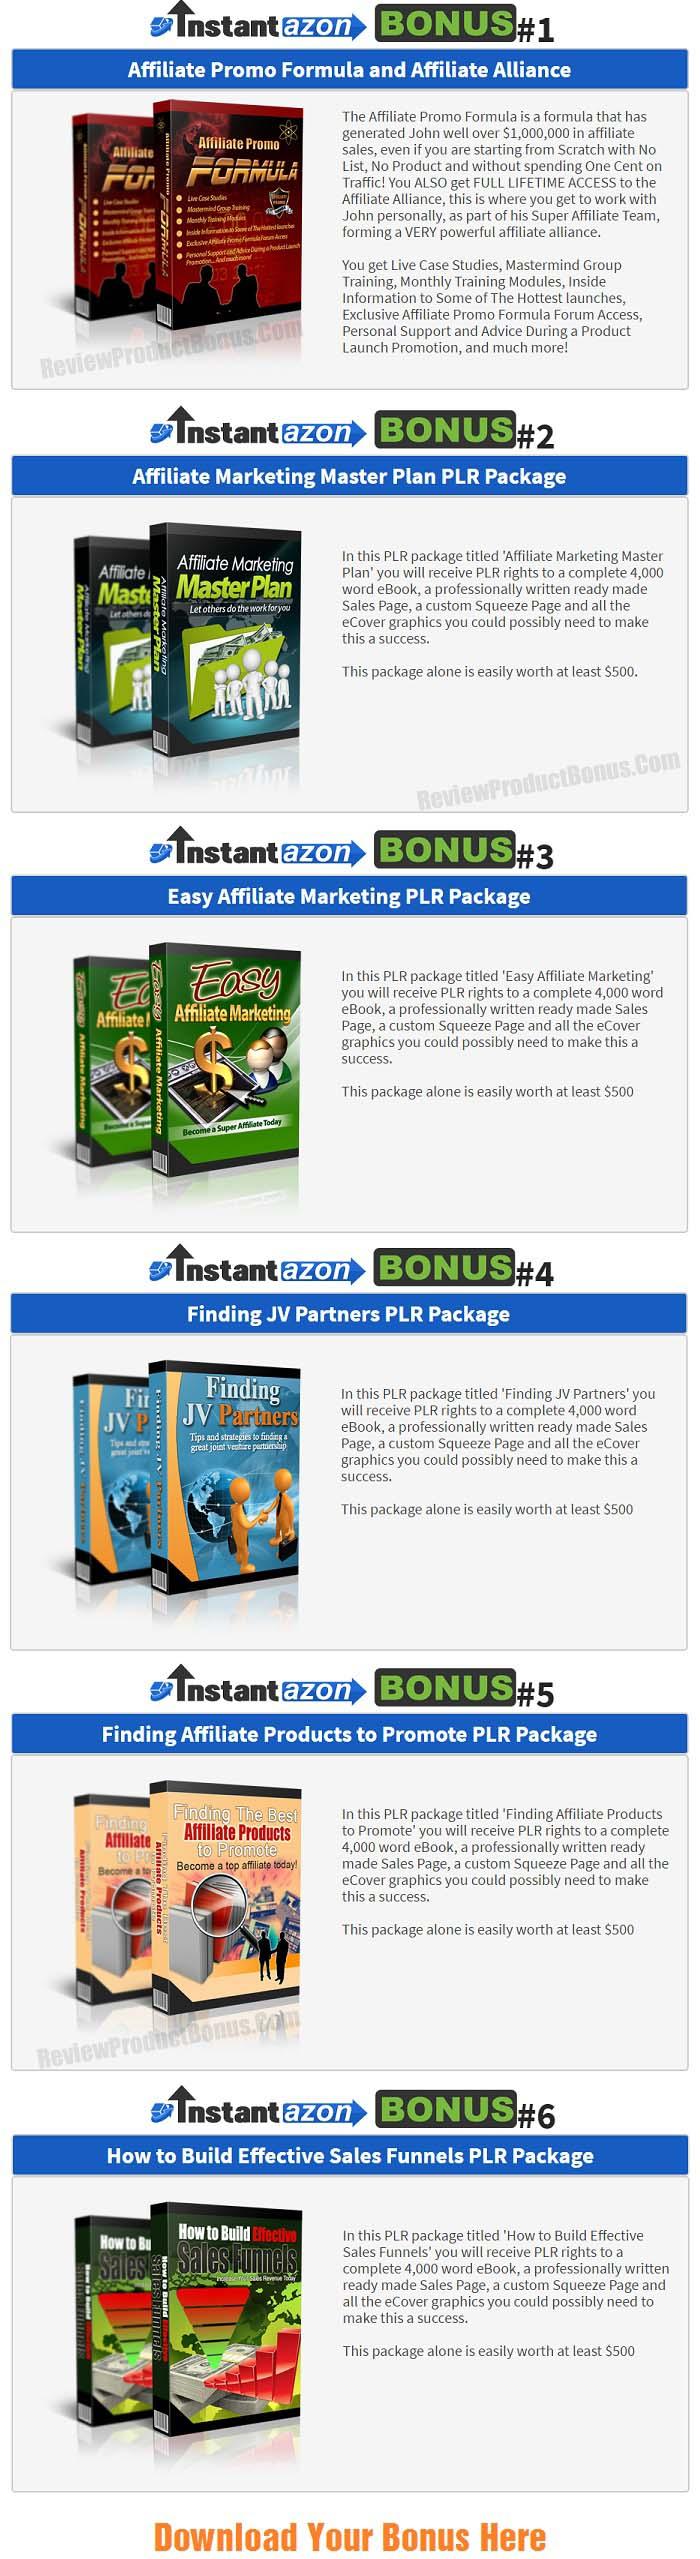 InstantAzon Pro Bonus